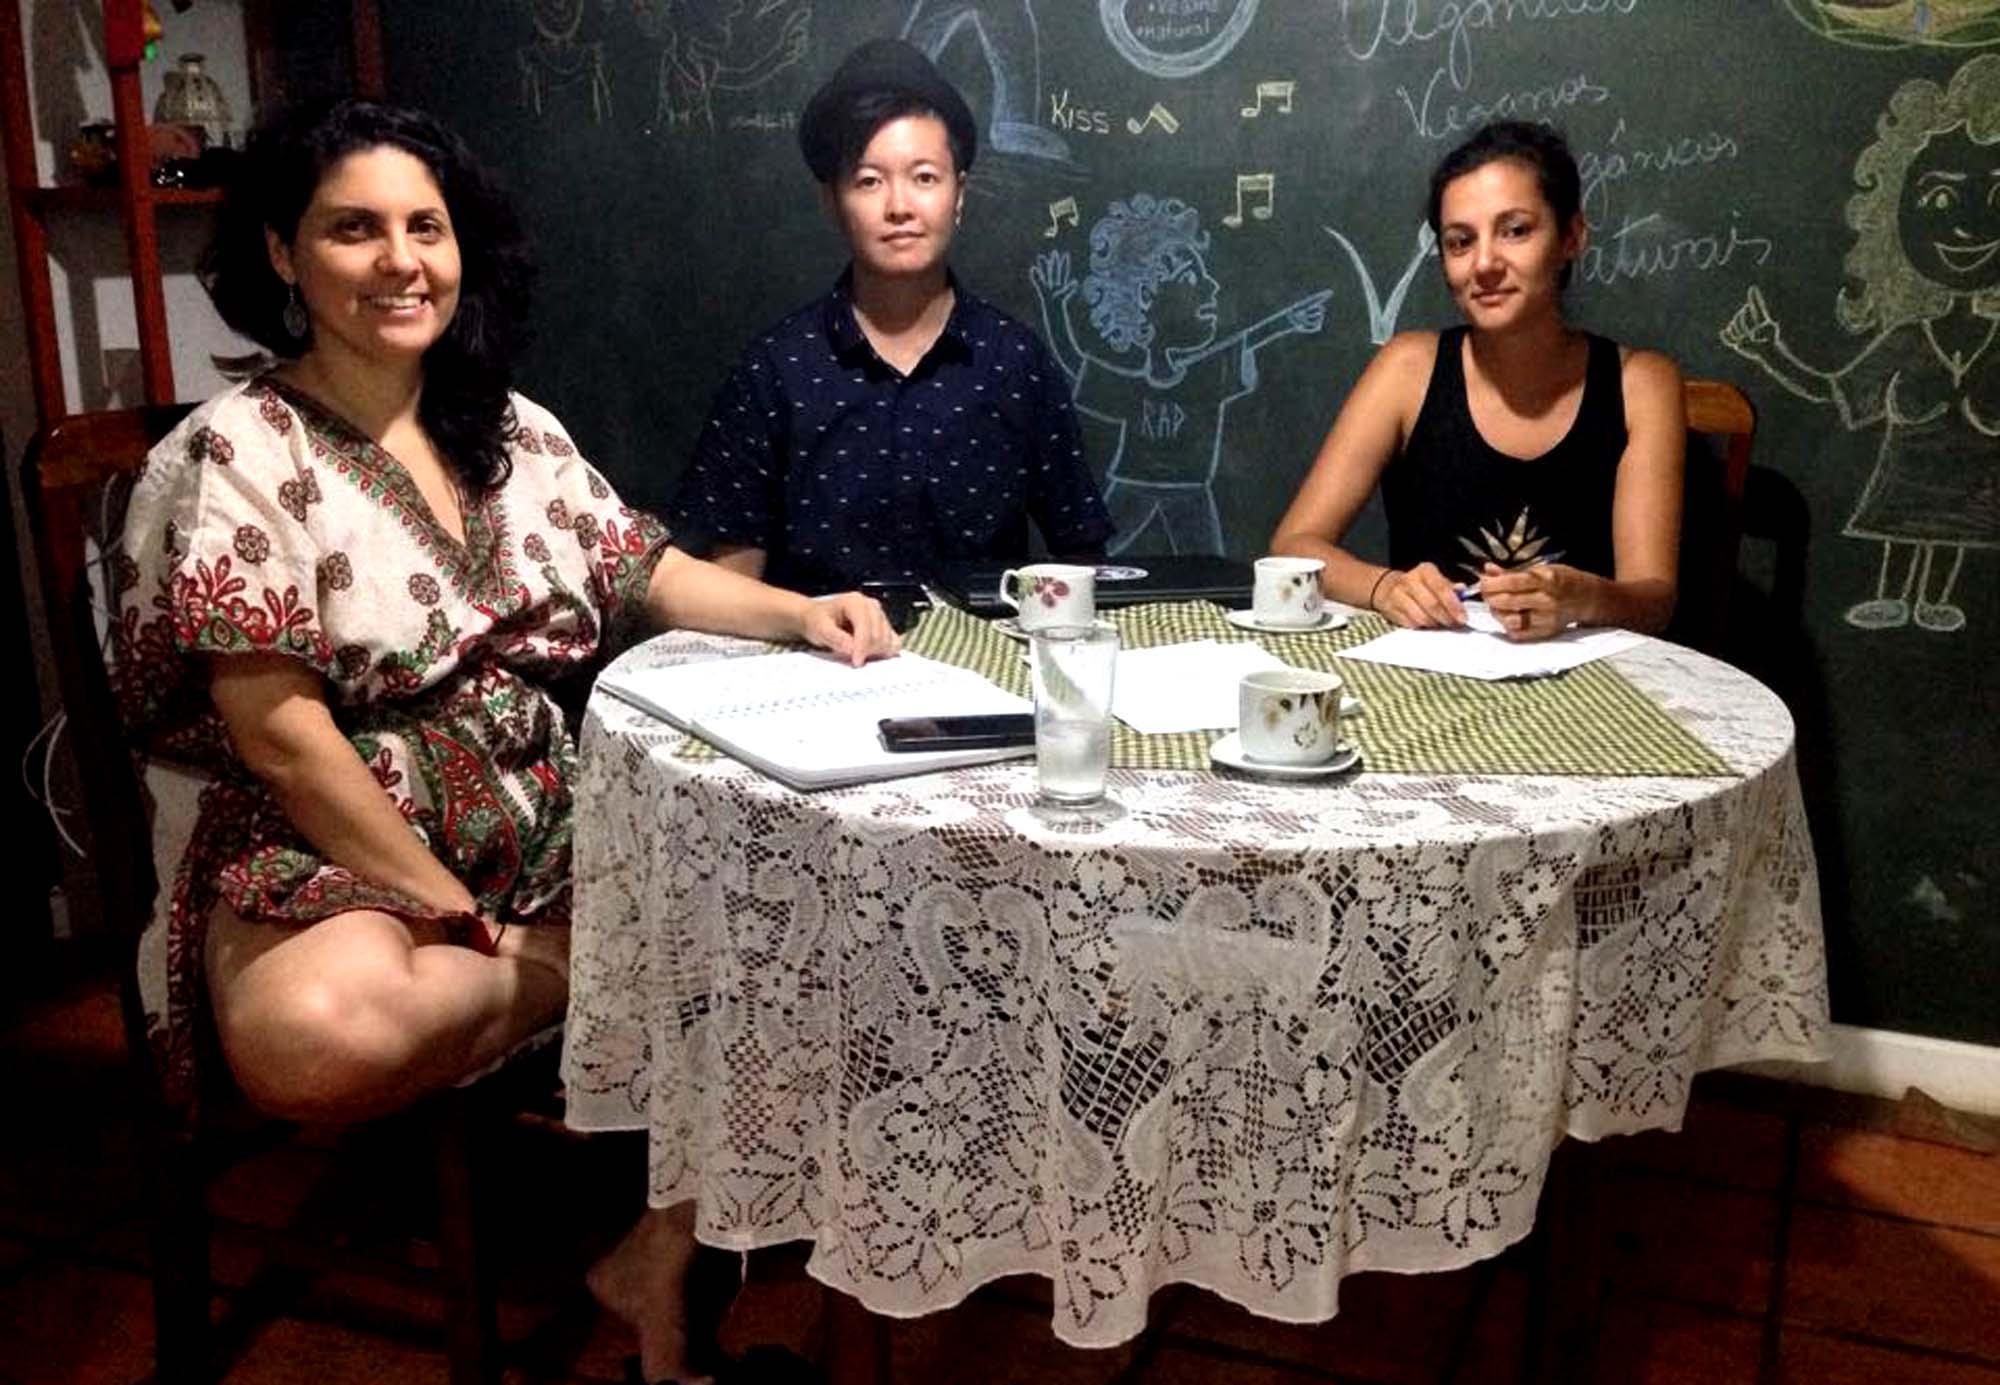 Em SP, 3 mulheres querem abrir espaço que vende alimentos veganos a preços acessíveis 3